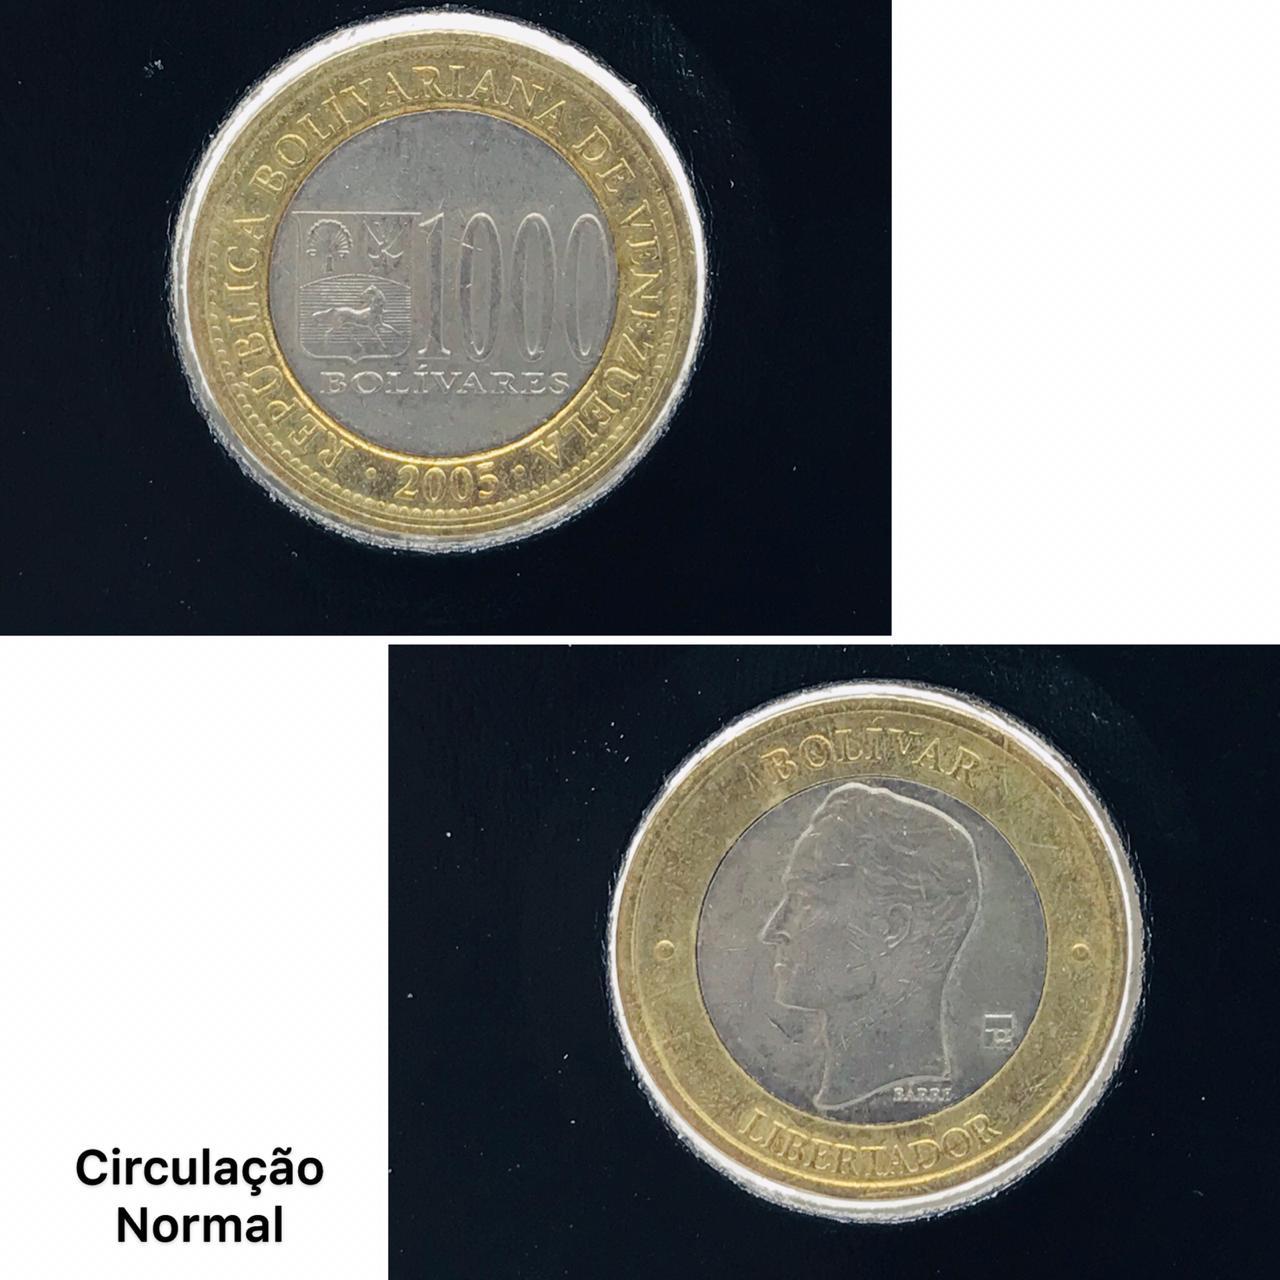 Venezuela Bimetálica 100 bolivares